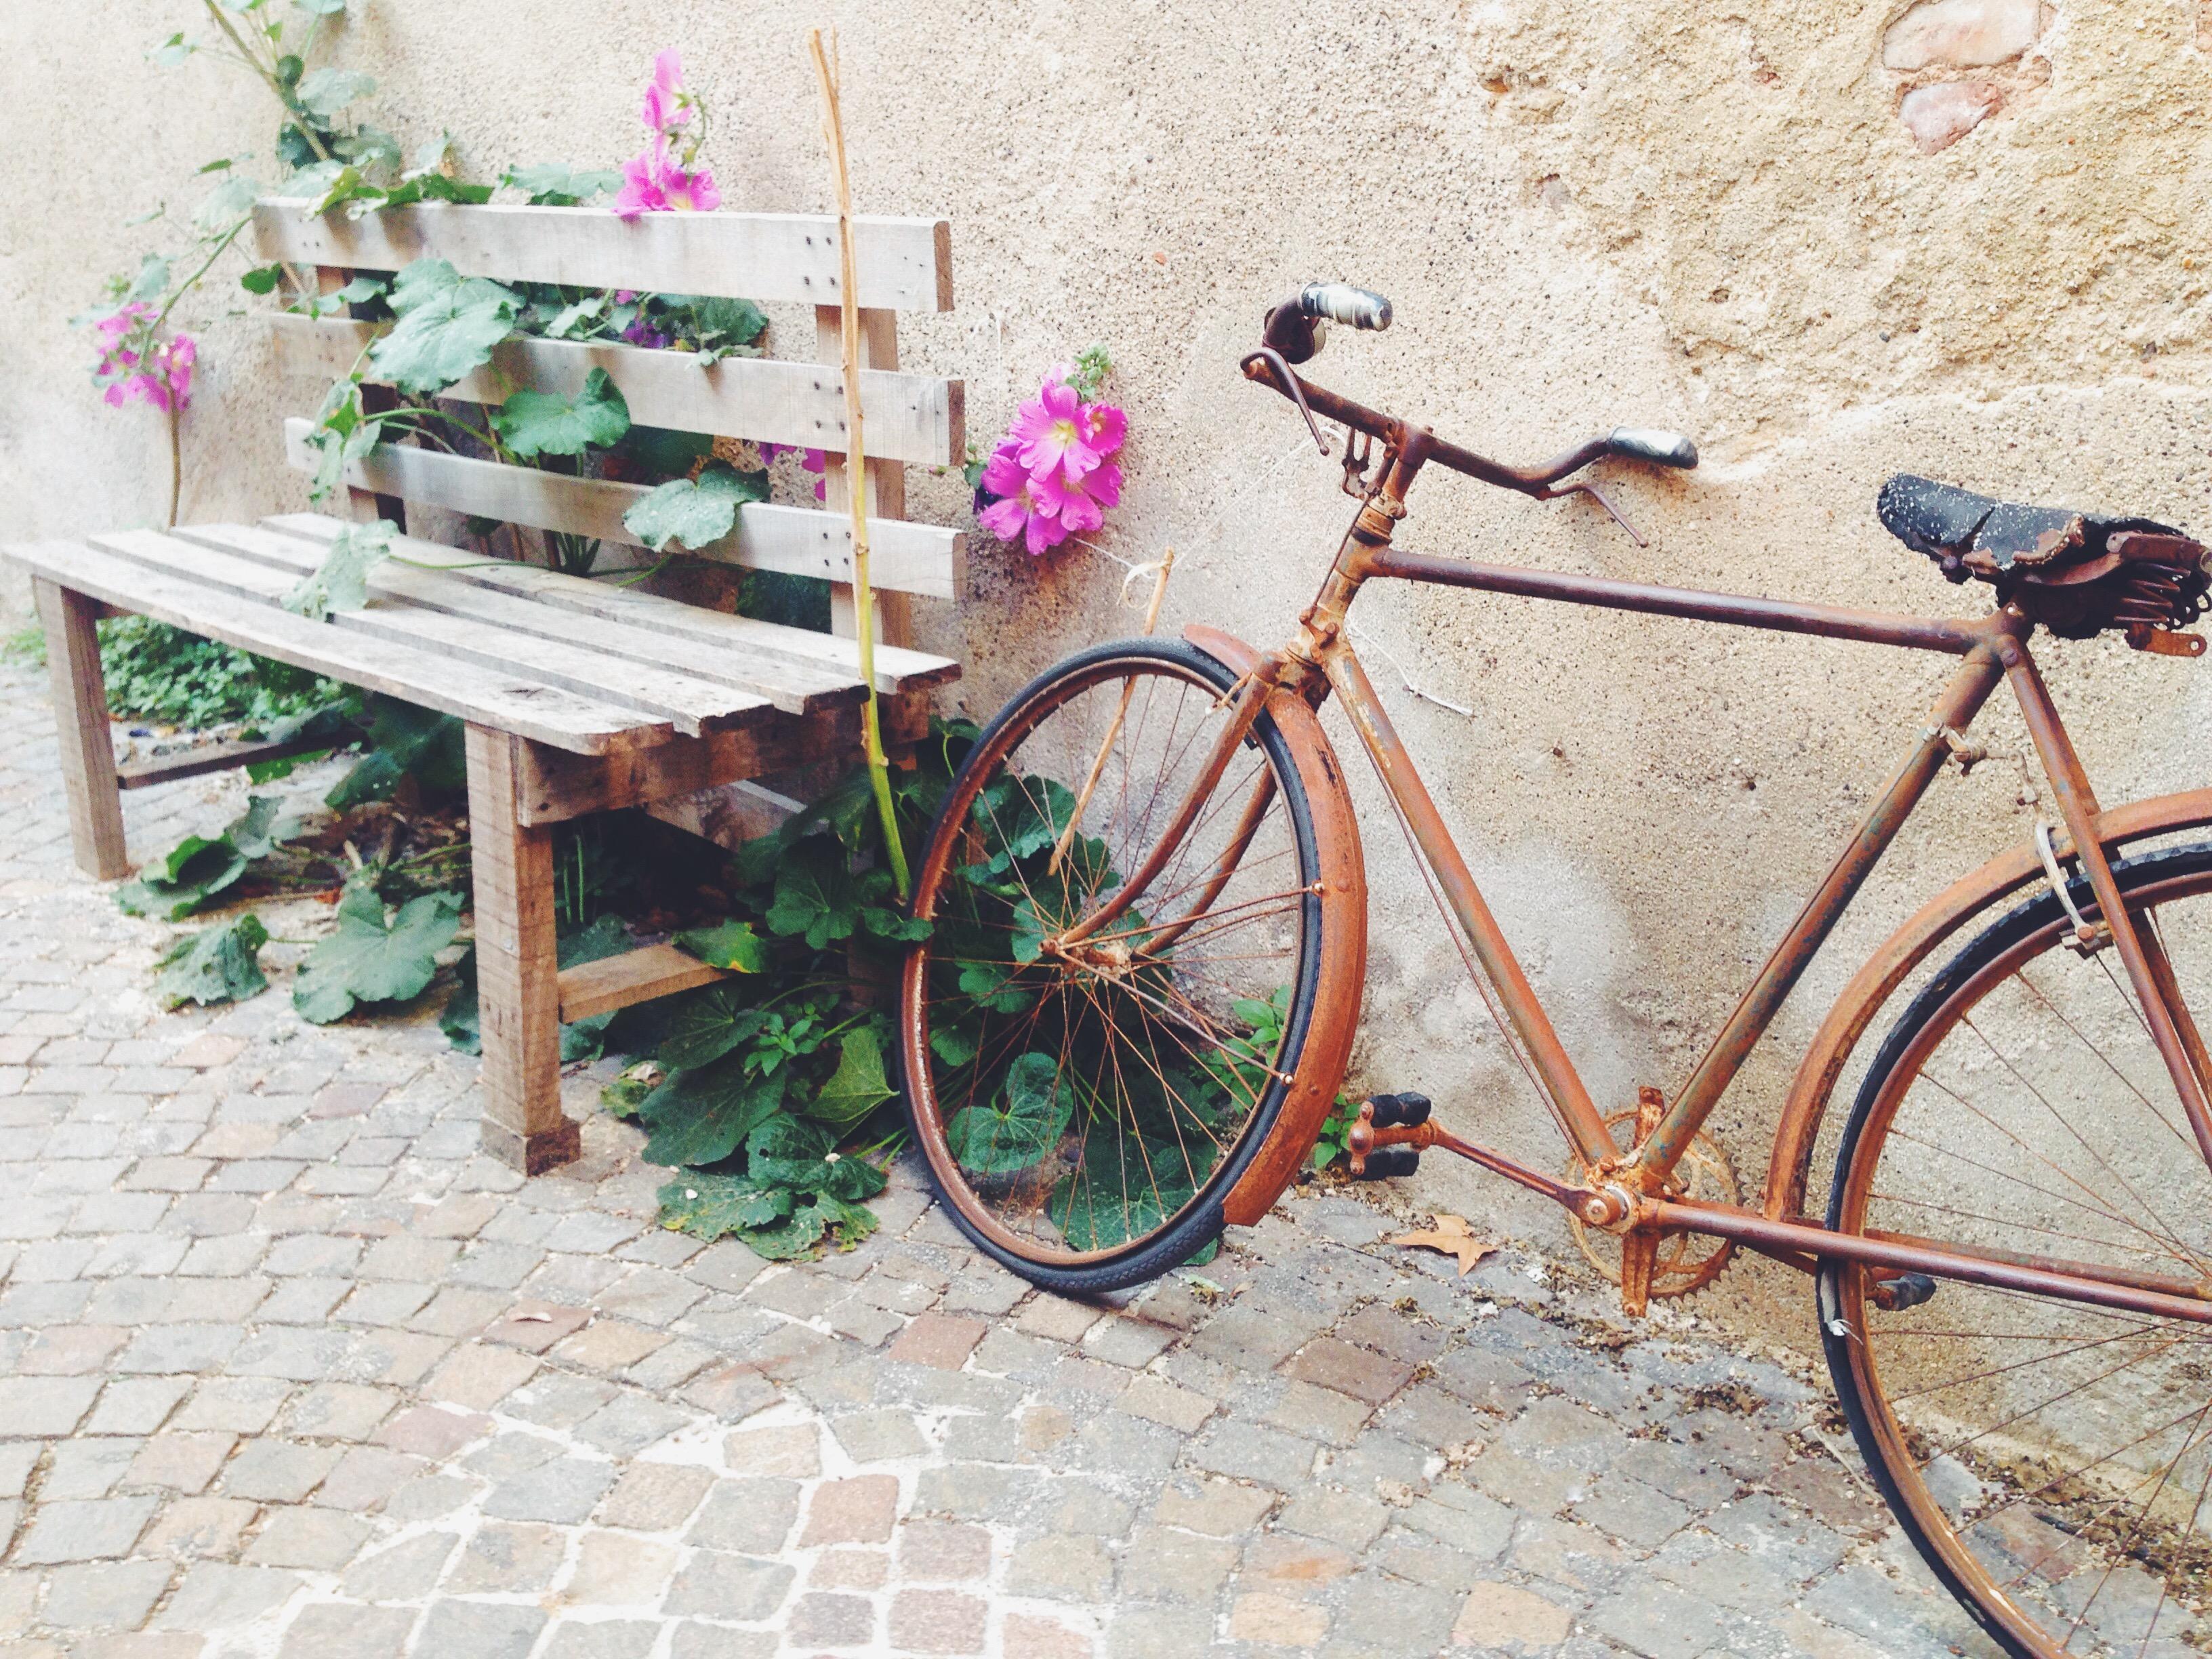 Le bici mi appassionano sempre. È che penso a dove potrebbero portarmi